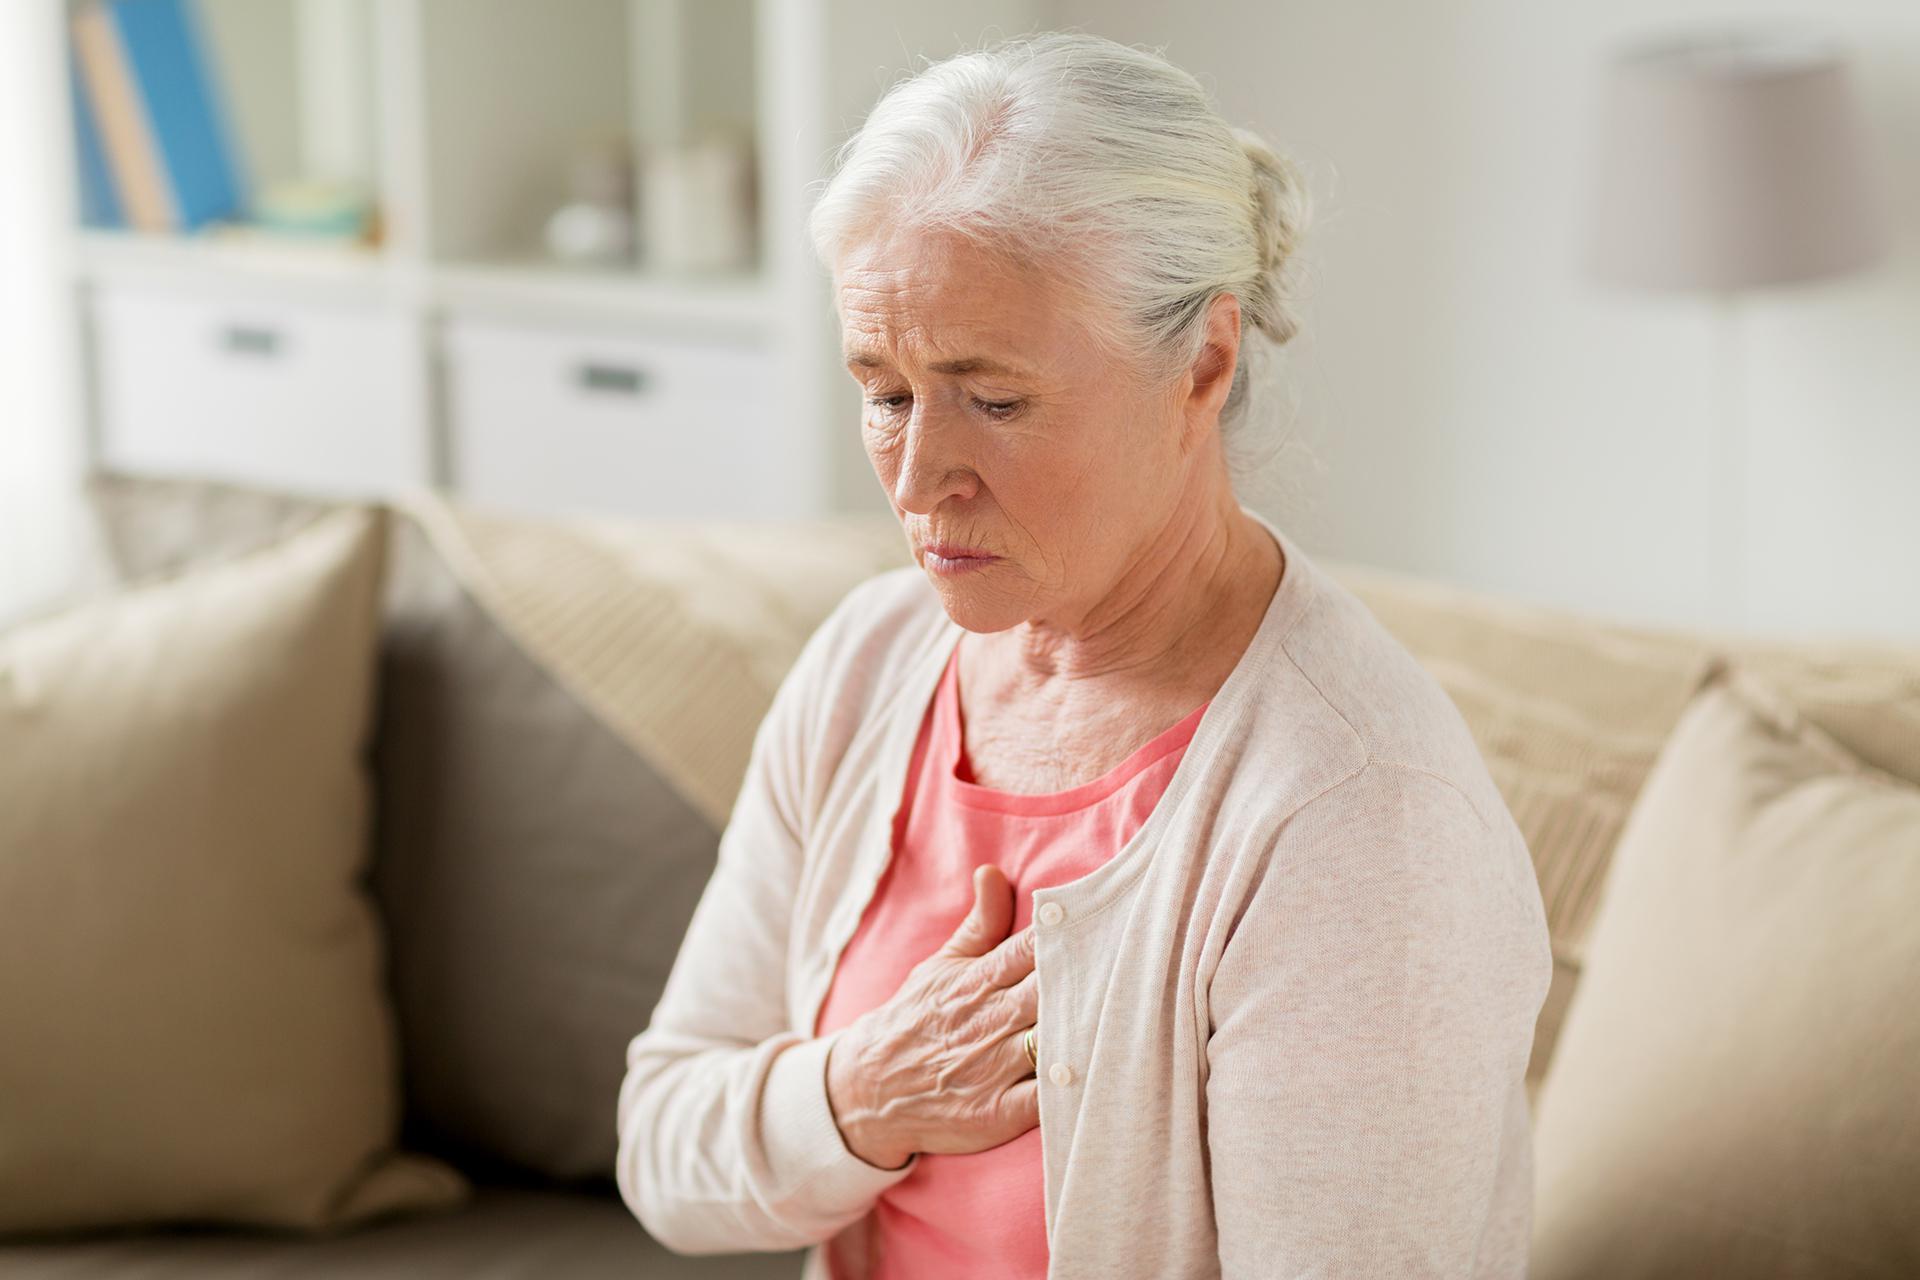 heart-patient-quartz-hill